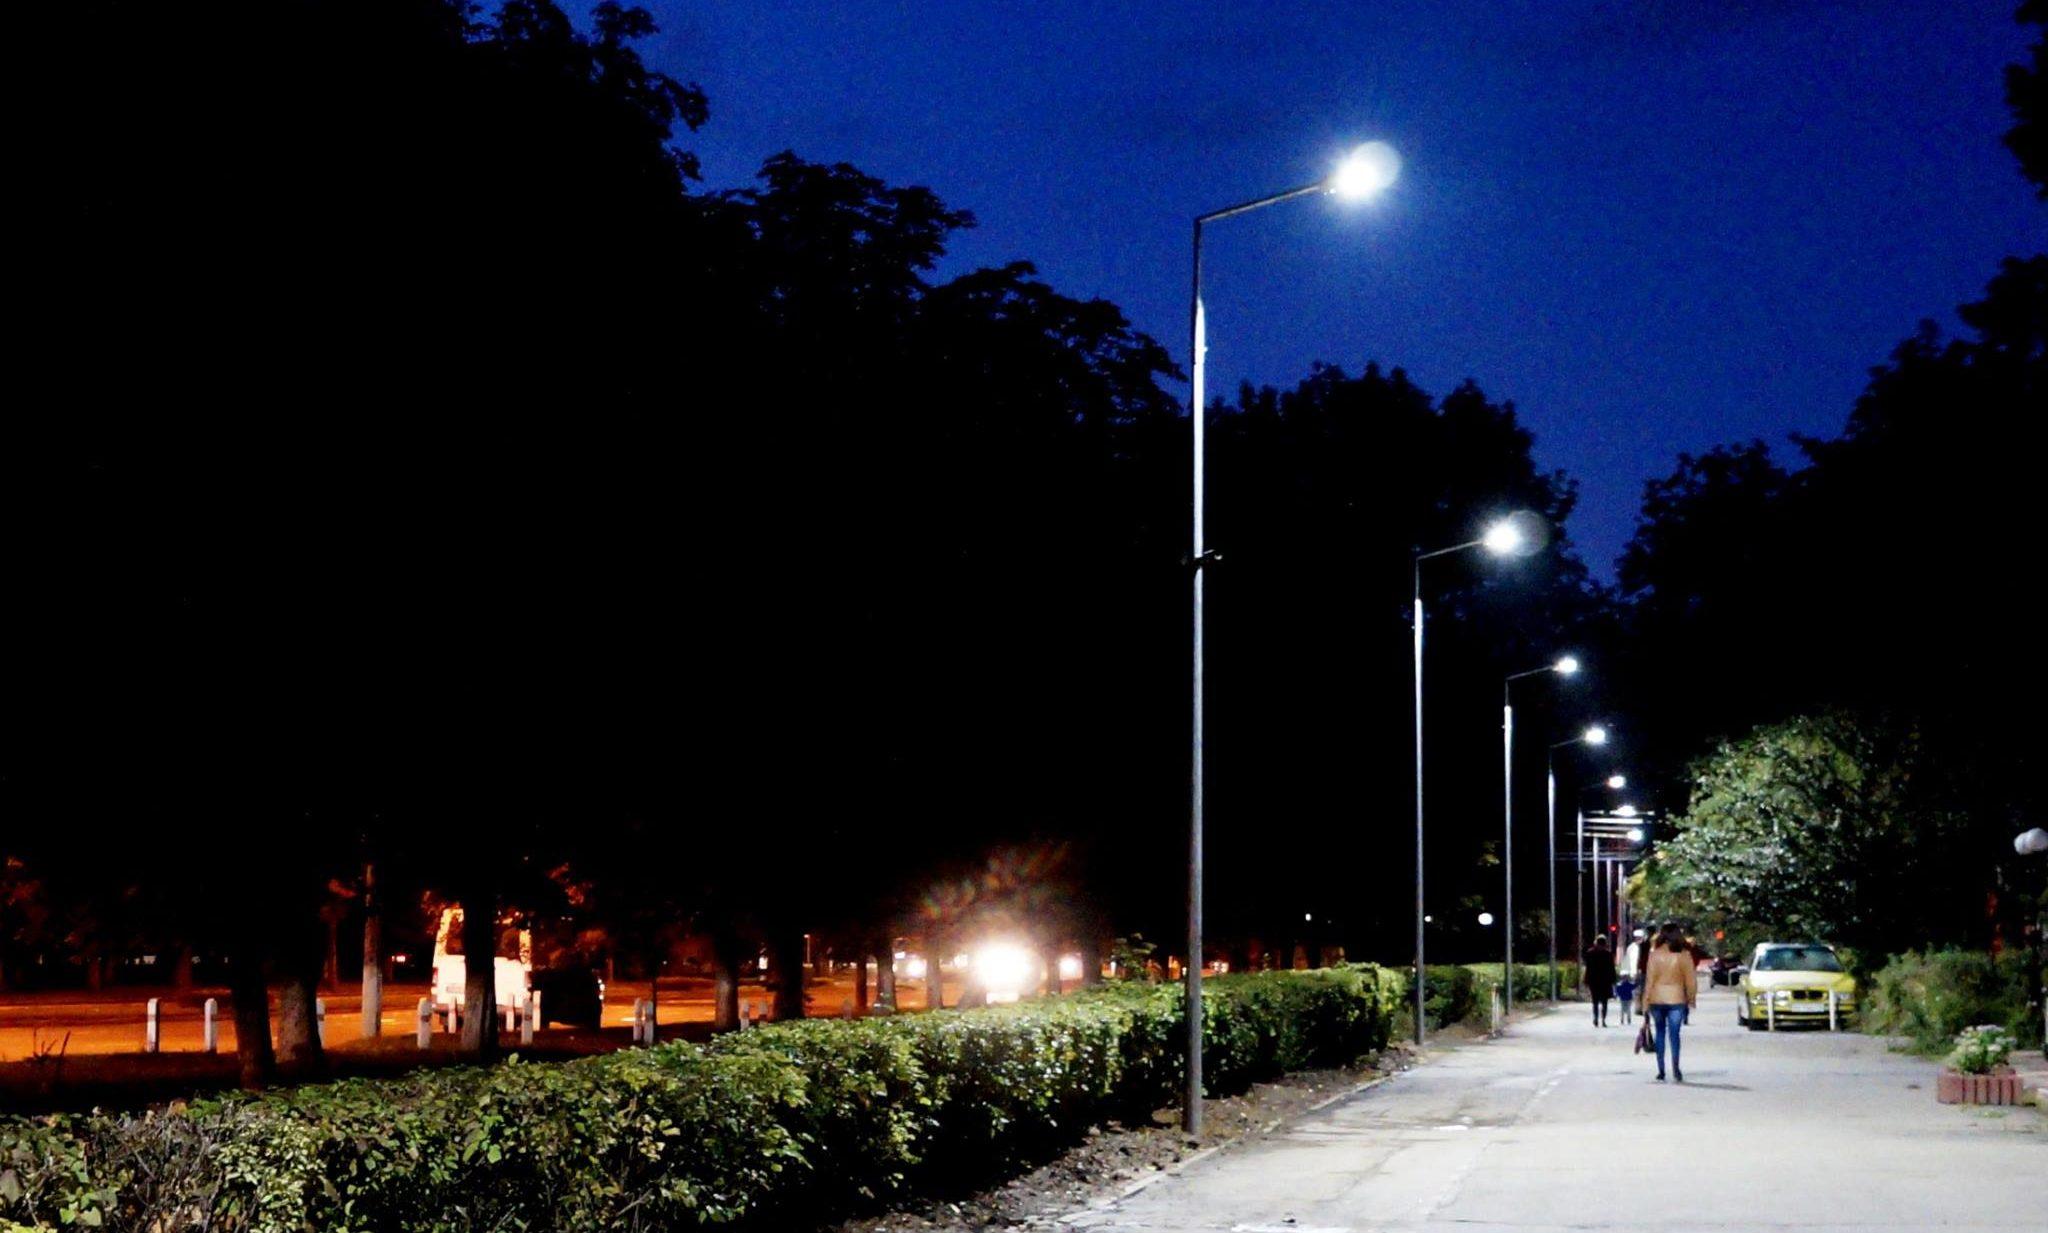 """Щоб даремно не світило: Вінниця економить мільйон на рік завдяки """"розумному"""" освітленню"""